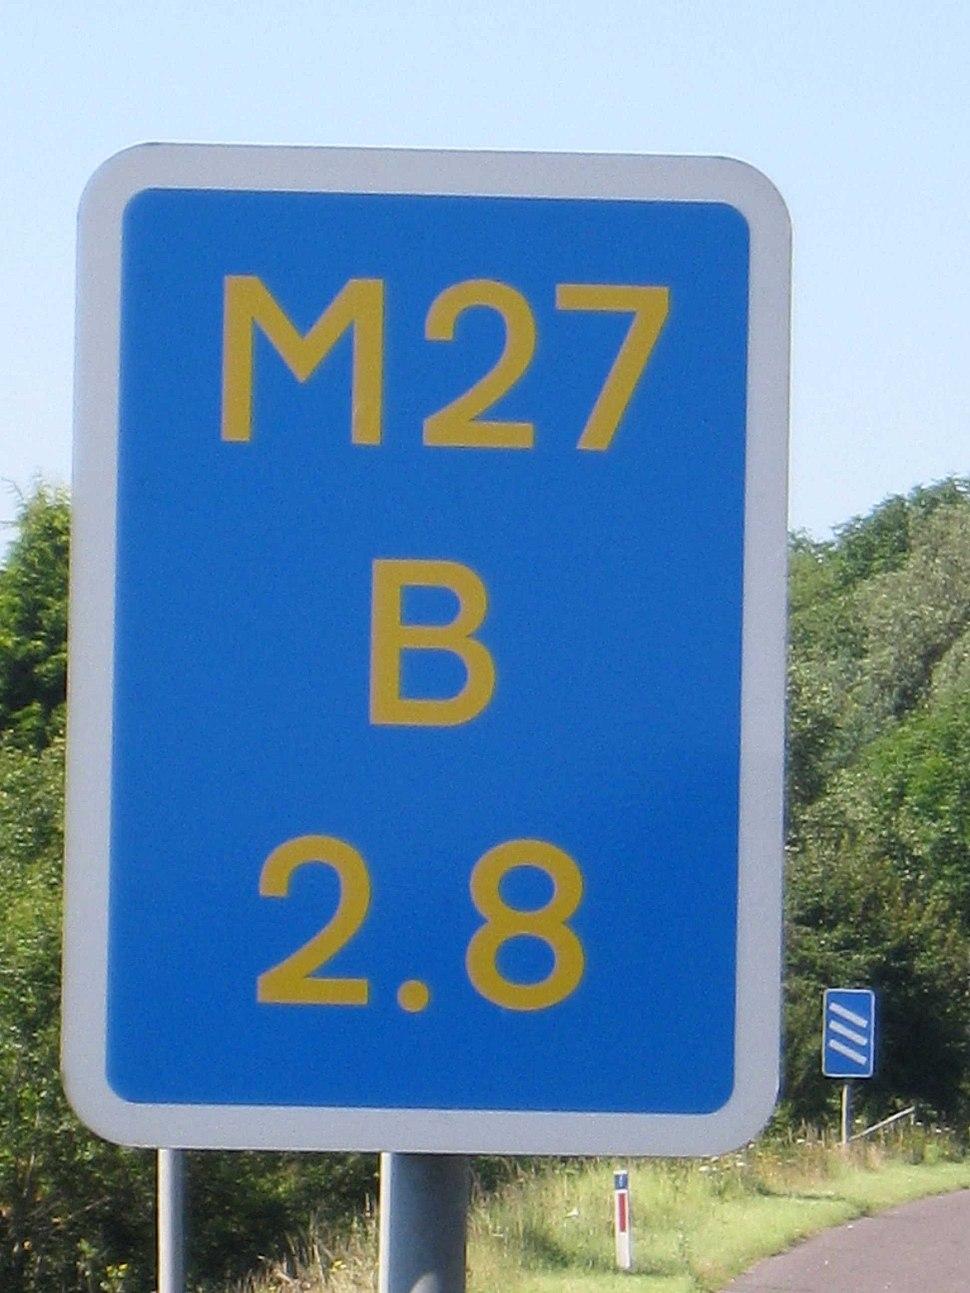 M27 DLS